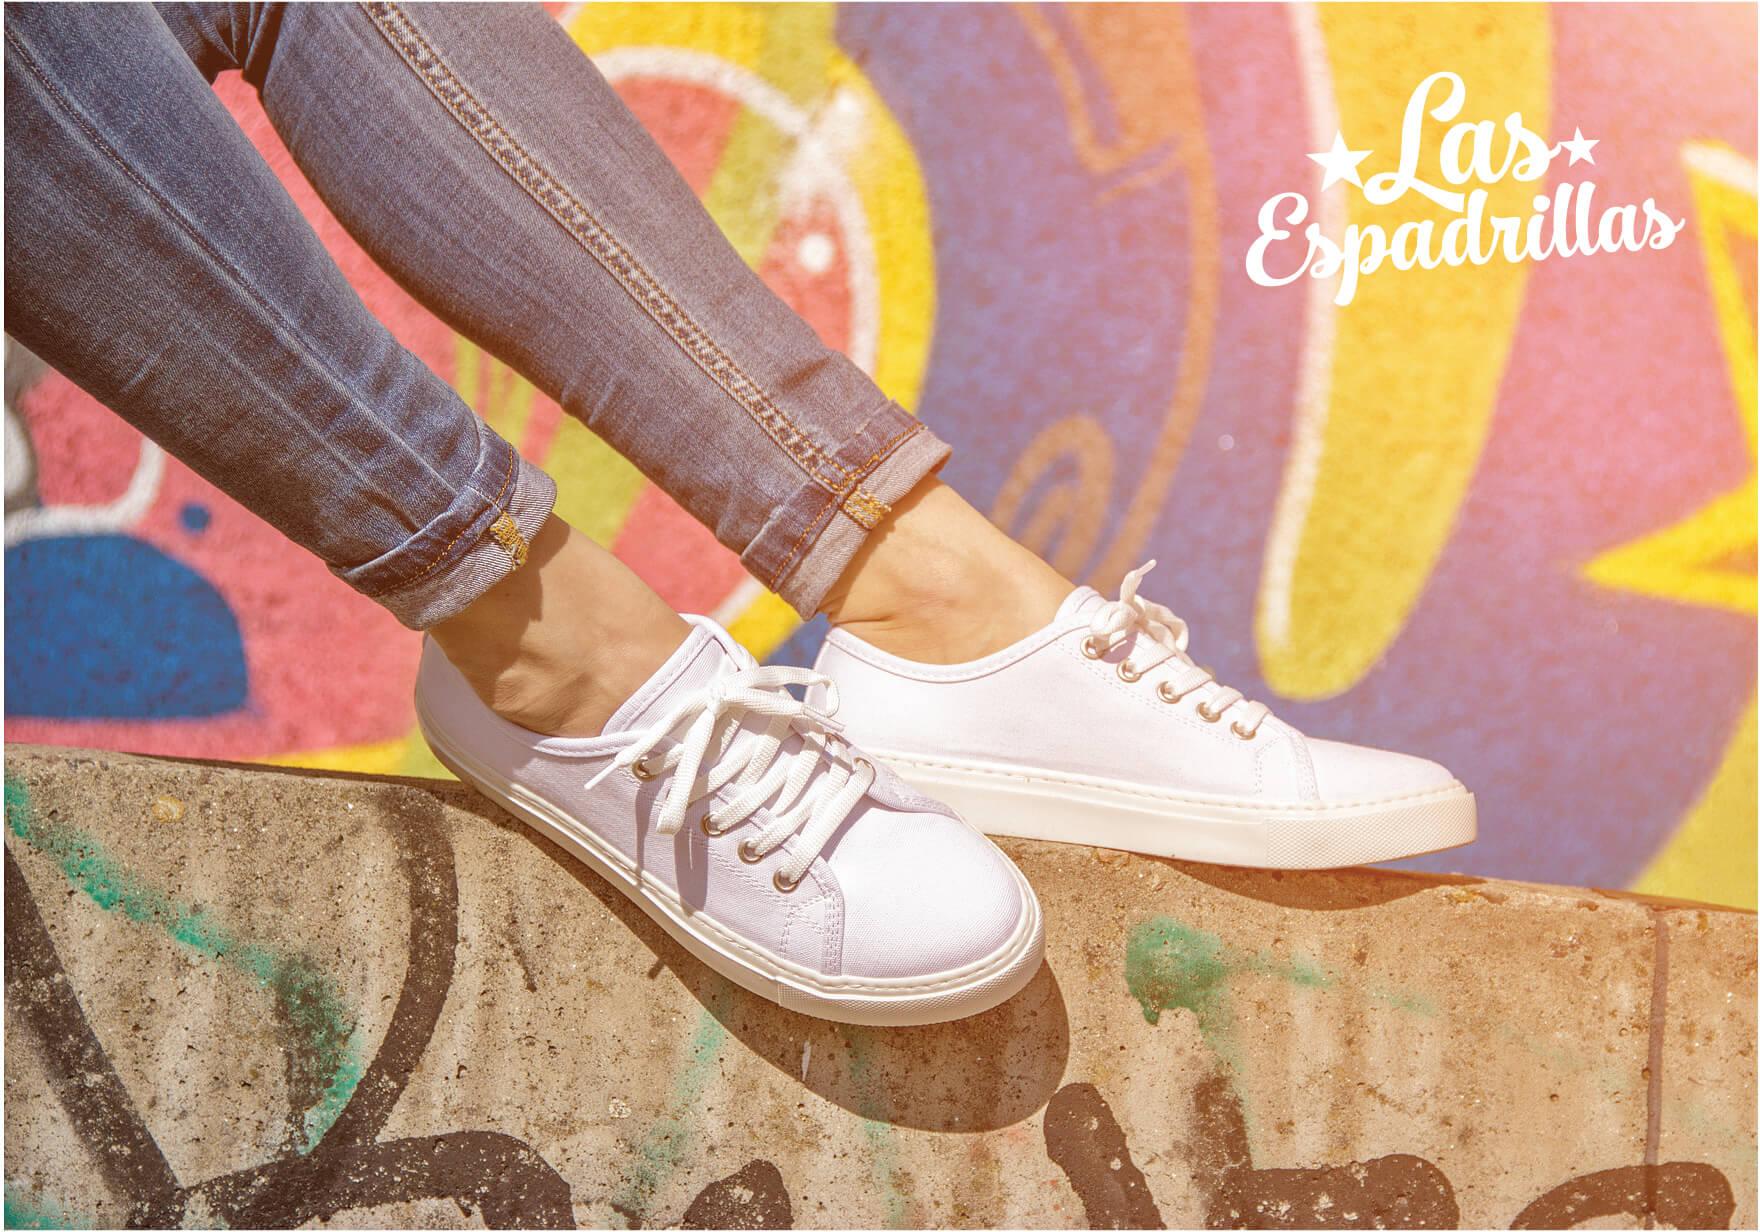 Прекрасный выбор обуви Las Espadrillas